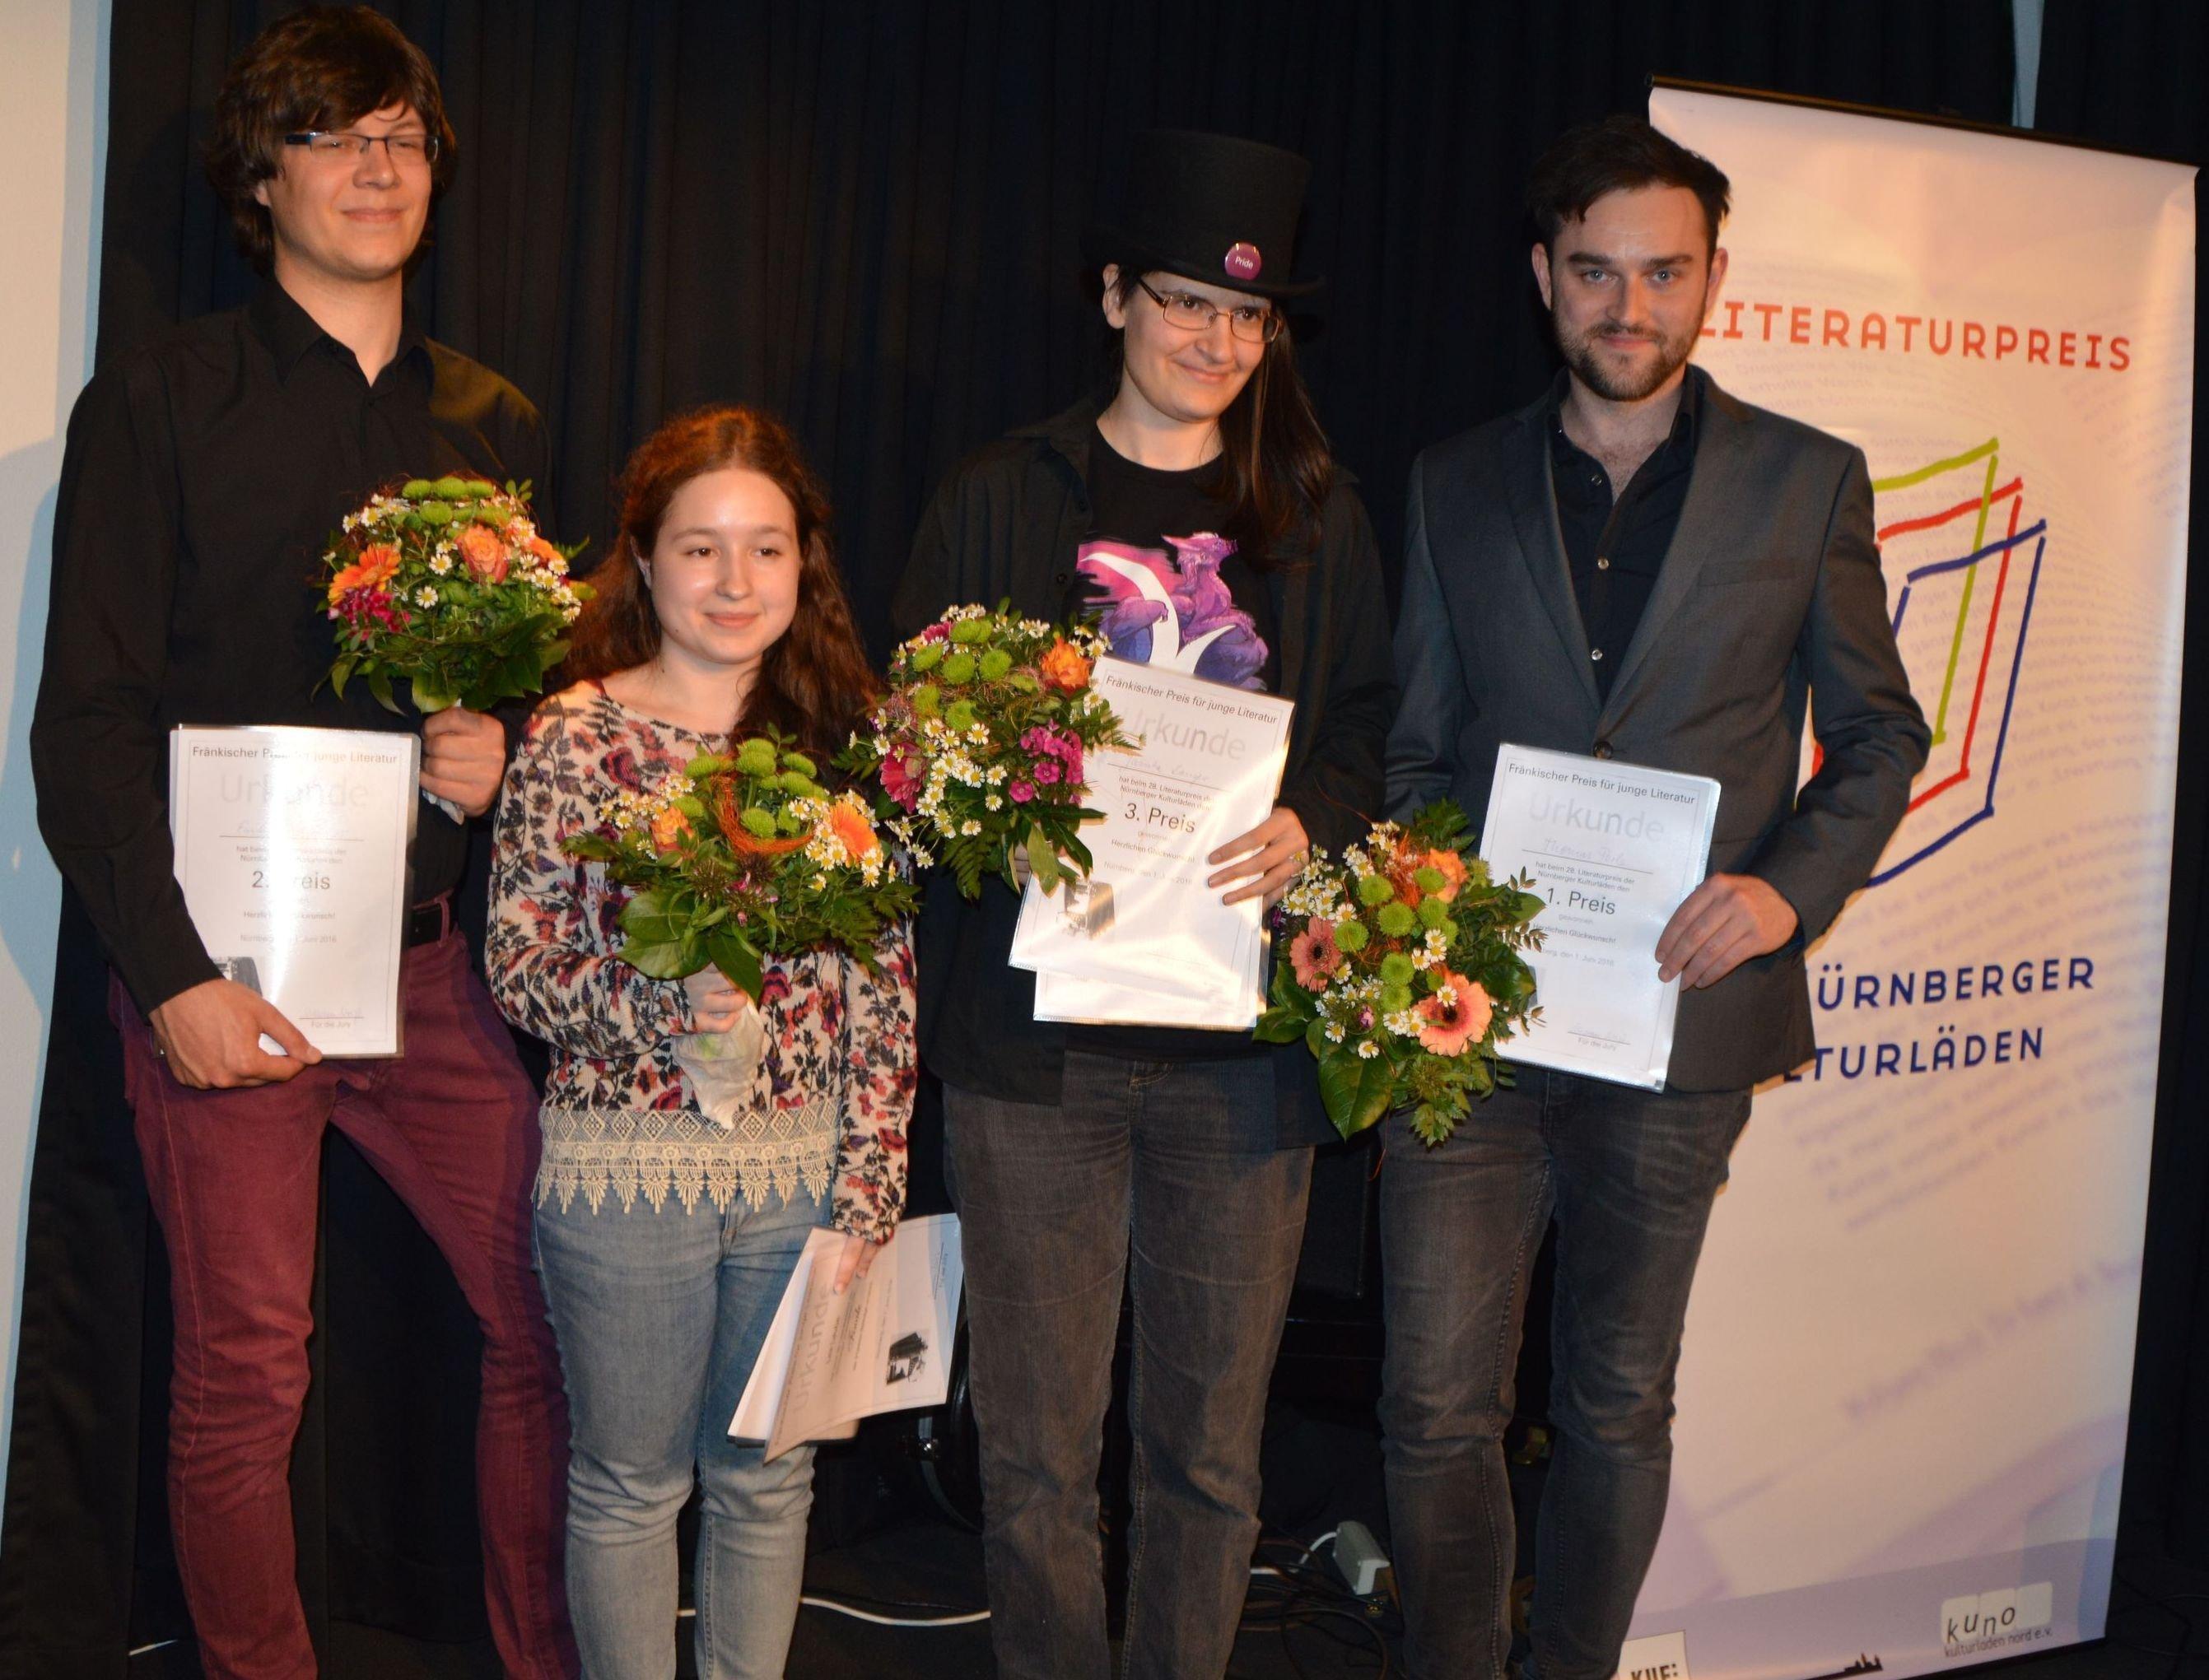 31. Literaturpreis der Nürnberger Kulturläden - © Hans-Jürgen Vogt